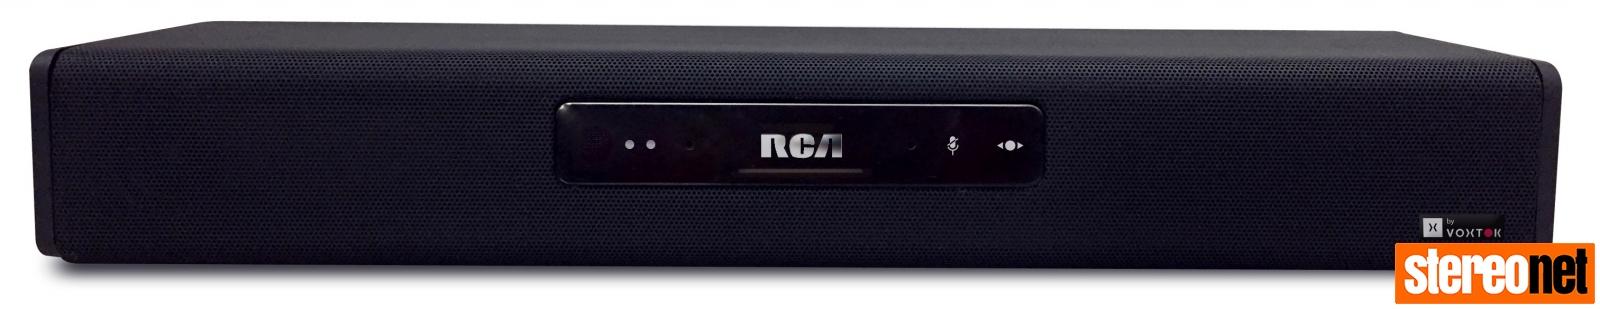 RCA Smart SoundBar